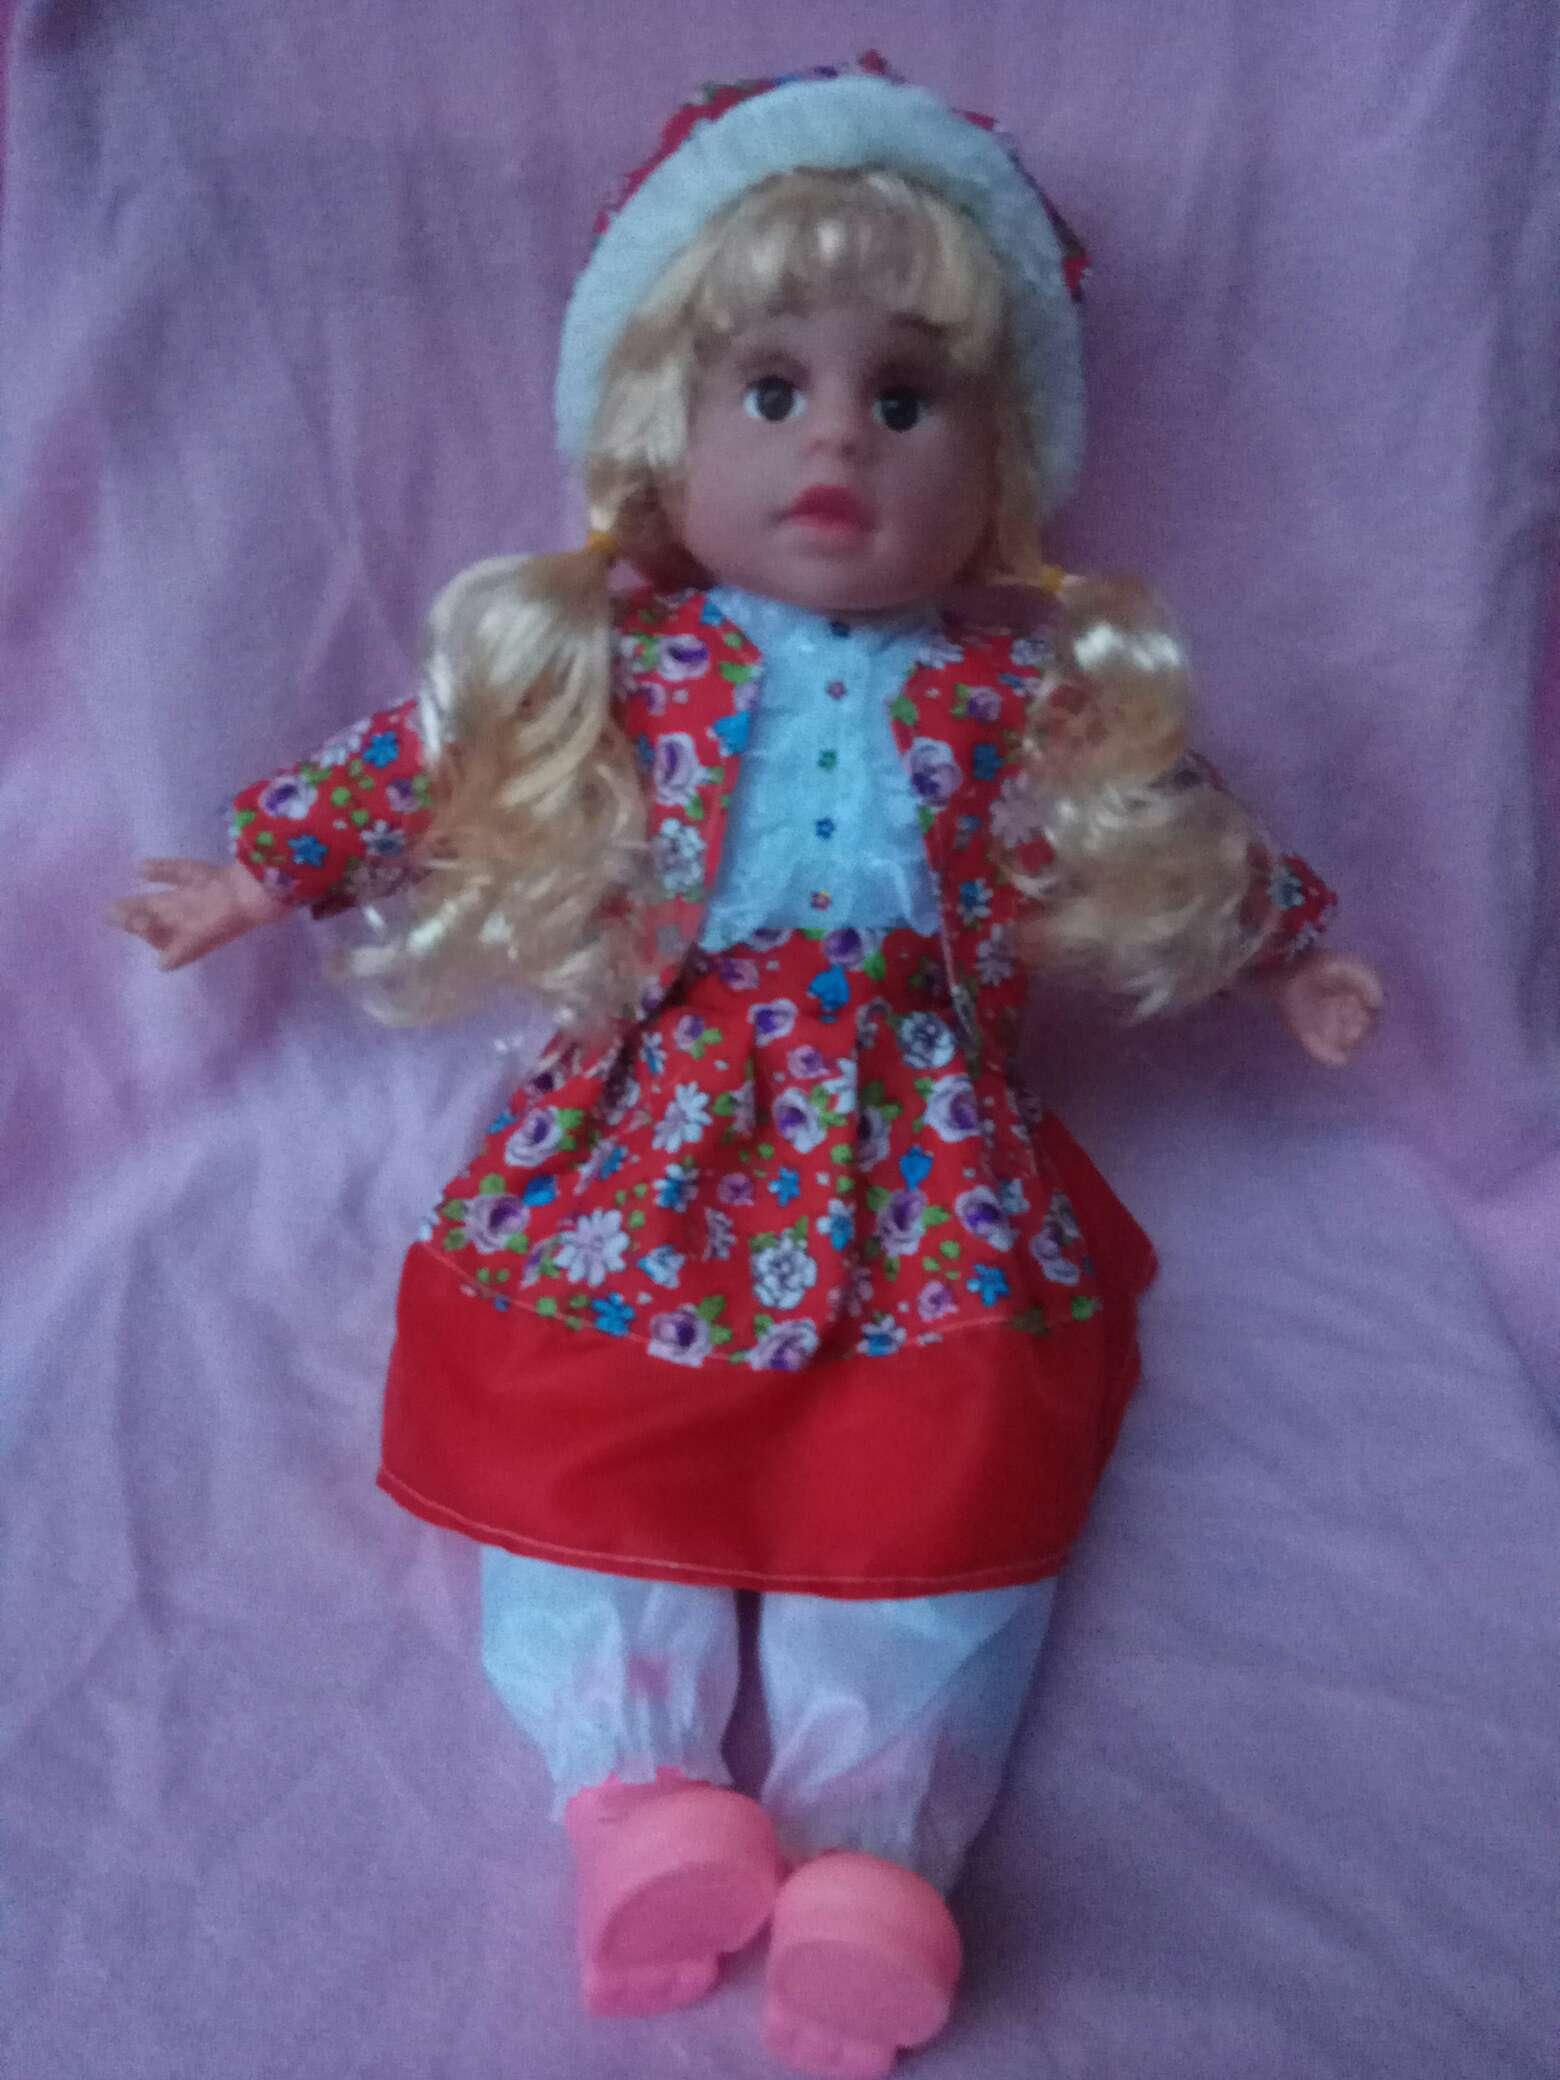 仿真娃娃婴儿洋娃娃18寸仿真娃娃红色小花跨境热销爆款益智儿童玩具